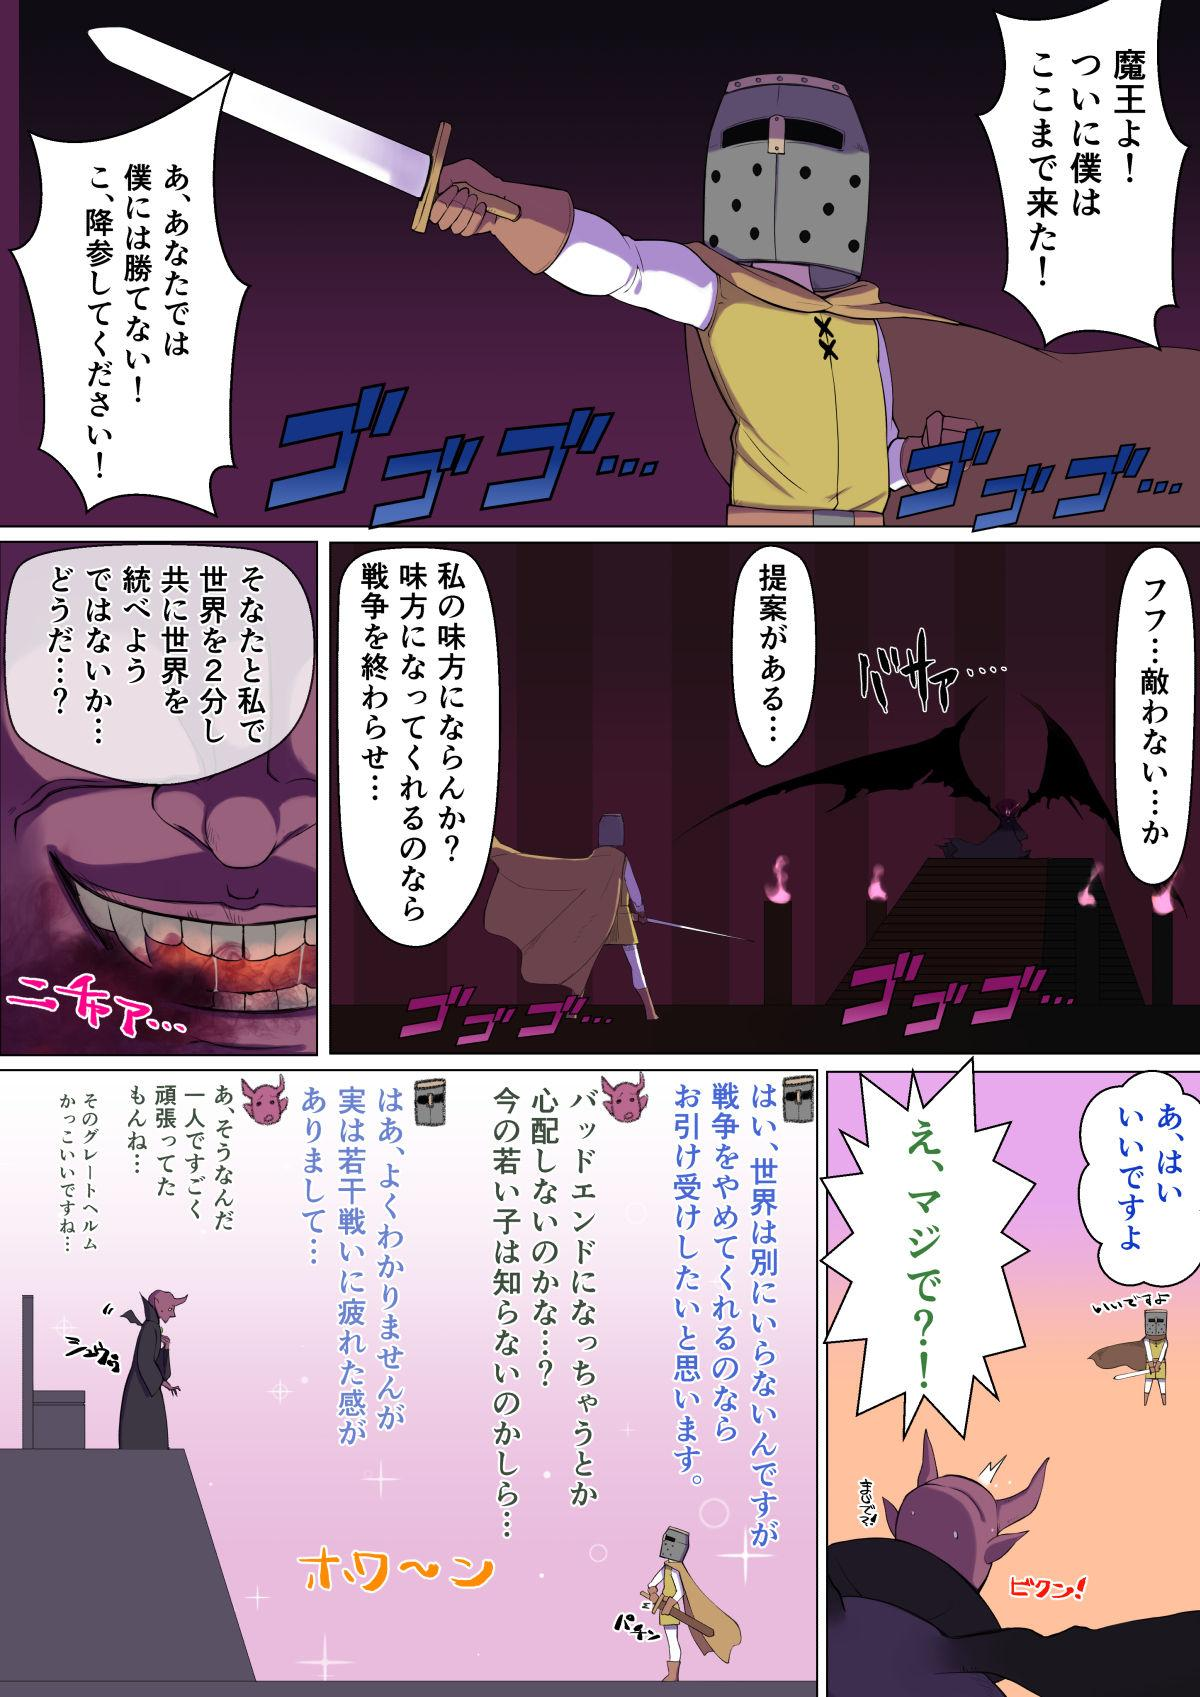 Yami no Sekai ni Ochitara Succubus Mama ni Otosaremashita 2